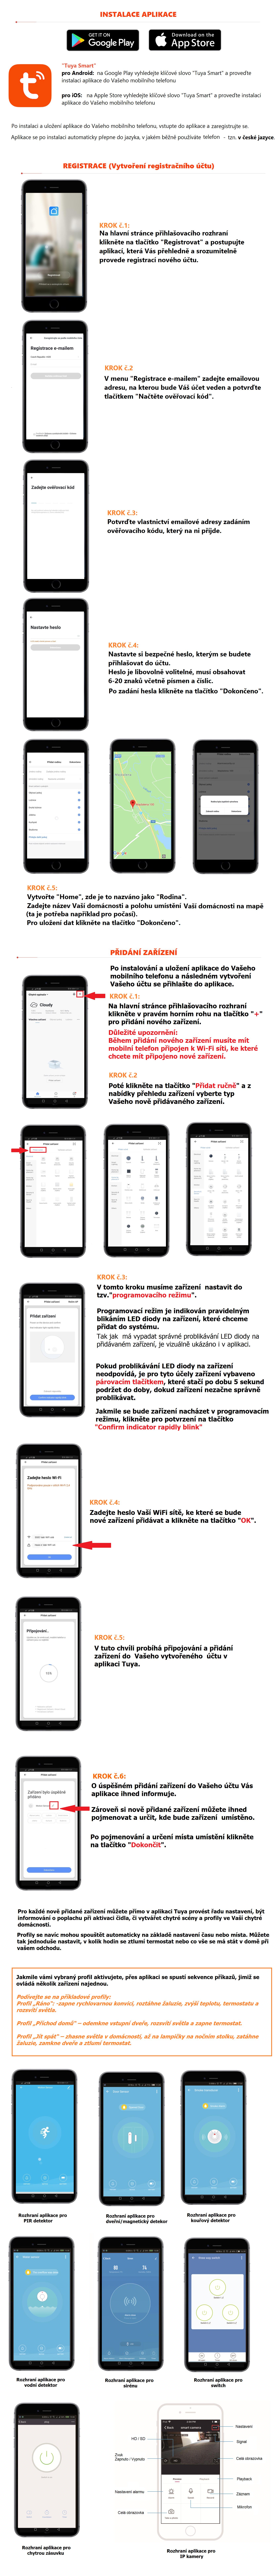 https://www.smarttuya.cz/fotky83407/TUYA%20PRODUKTY%202019/APLIKACE_TUYA_REGISTRACE_UTU_-_pidani_senzoru_do_aplikace_-_NOV_2019.png